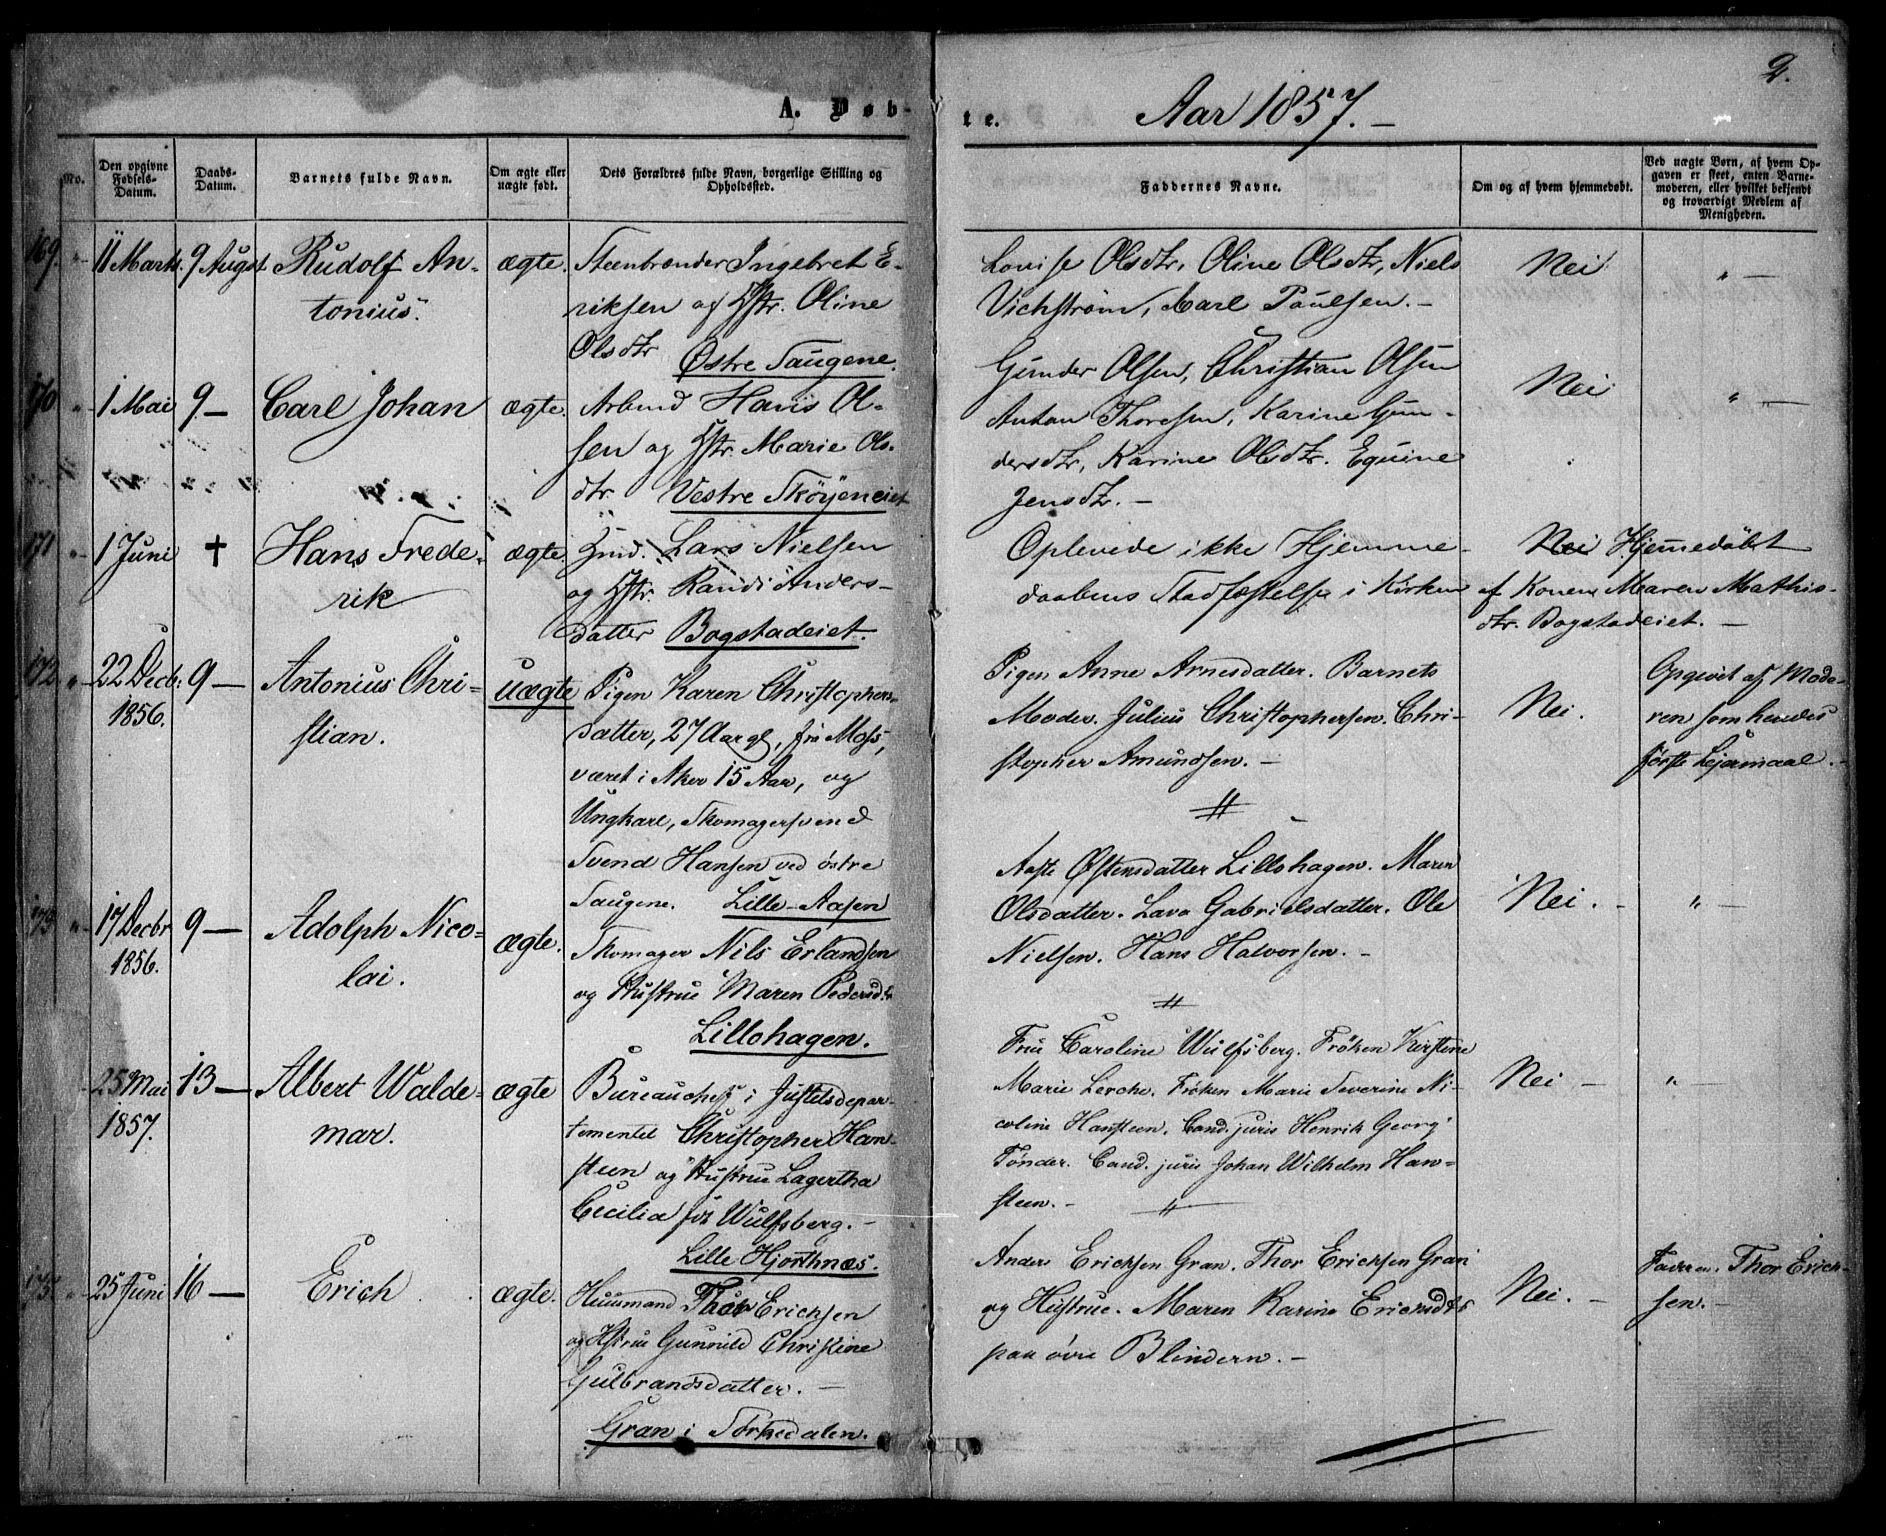 SAO, Vestre Aker prestekontor Kirkebøker, F/Fa/L0003: Ministerialbok nr. 3, 1857-1868, s. 2